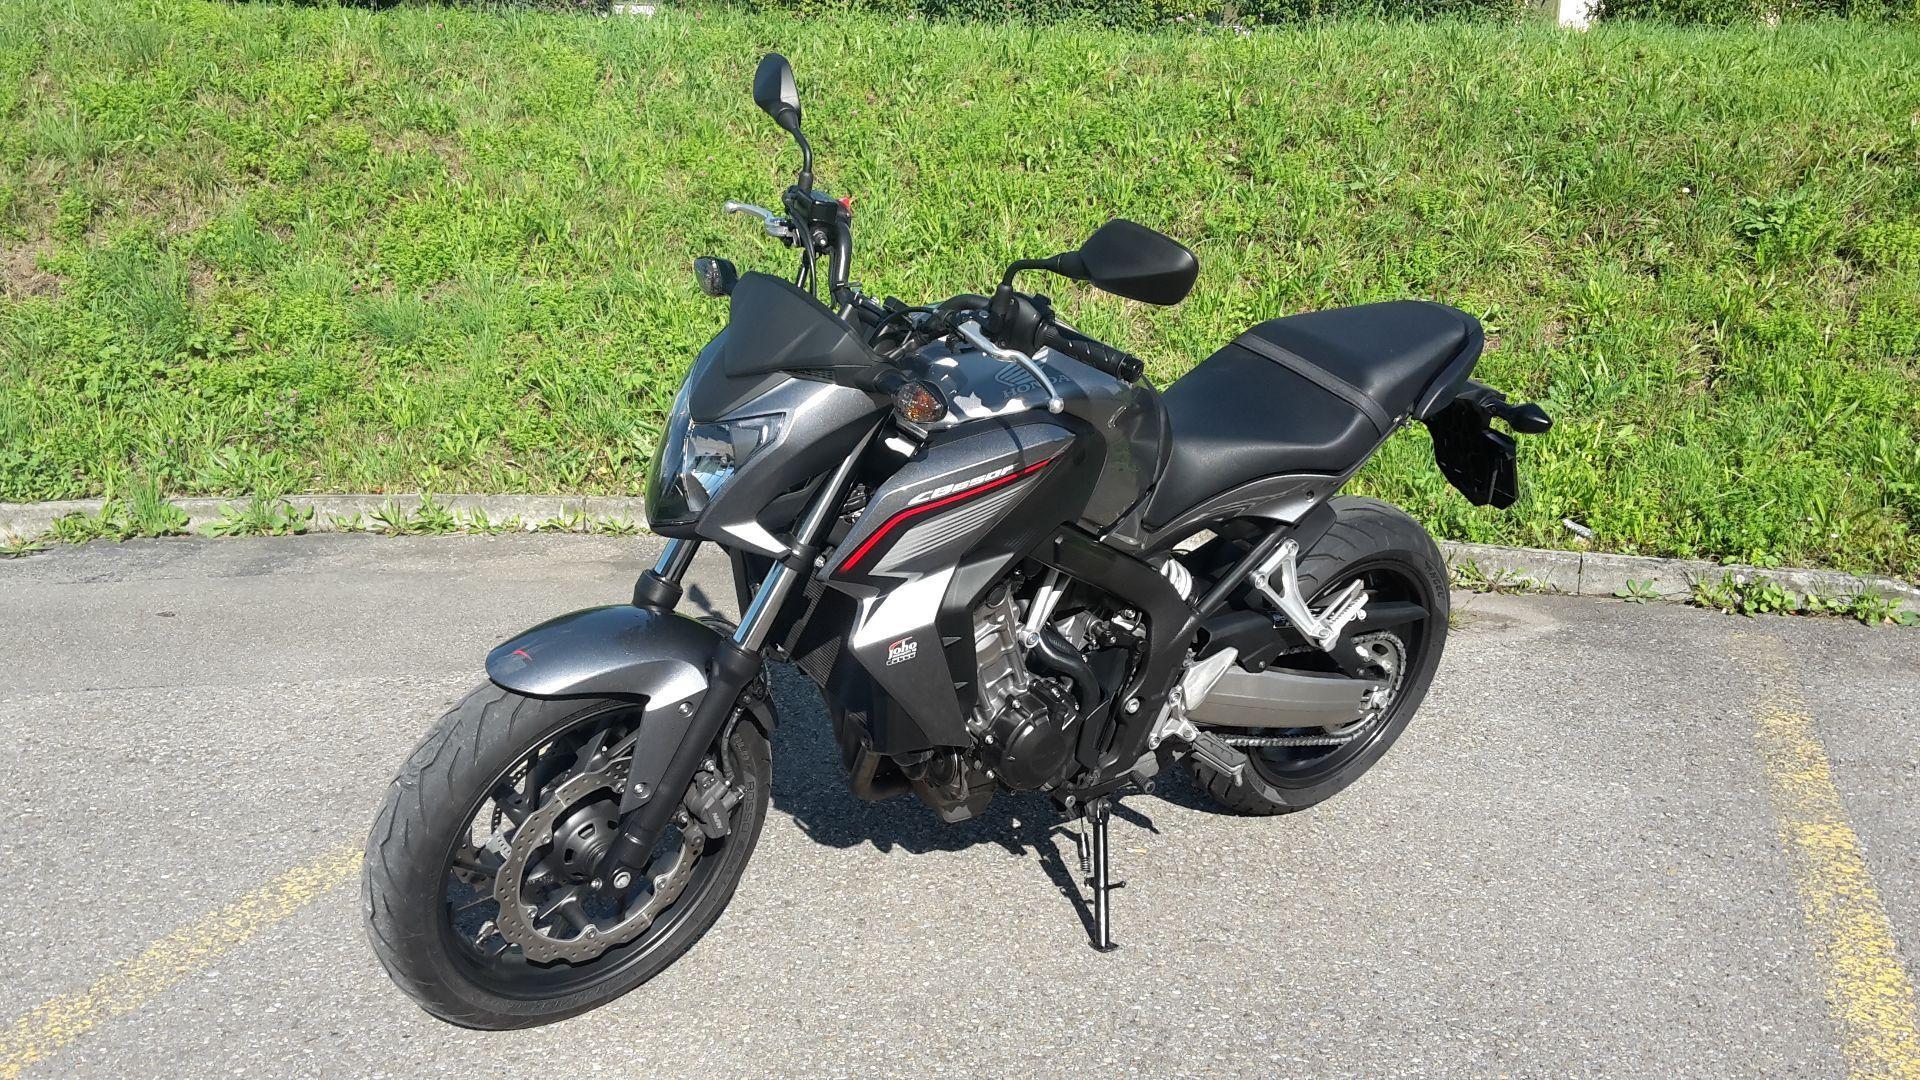 motorrad occasion kaufen honda cb 650 fa abs 2015 joho motosport ag bremgarten. Black Bedroom Furniture Sets. Home Design Ideas